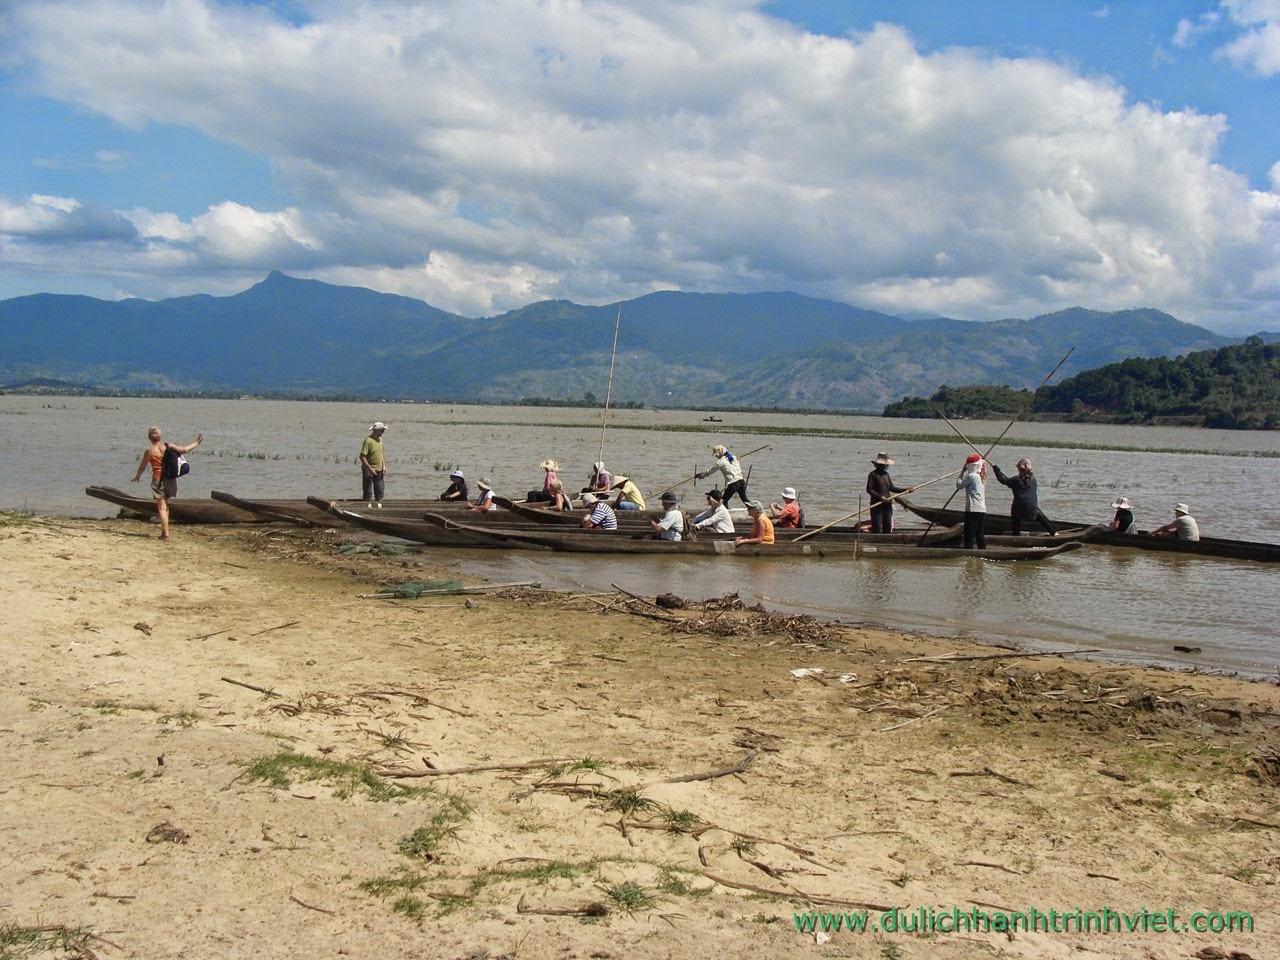 Tour cưỡi voi và khám phá văn hóa các dân tộc Tây Nguyên